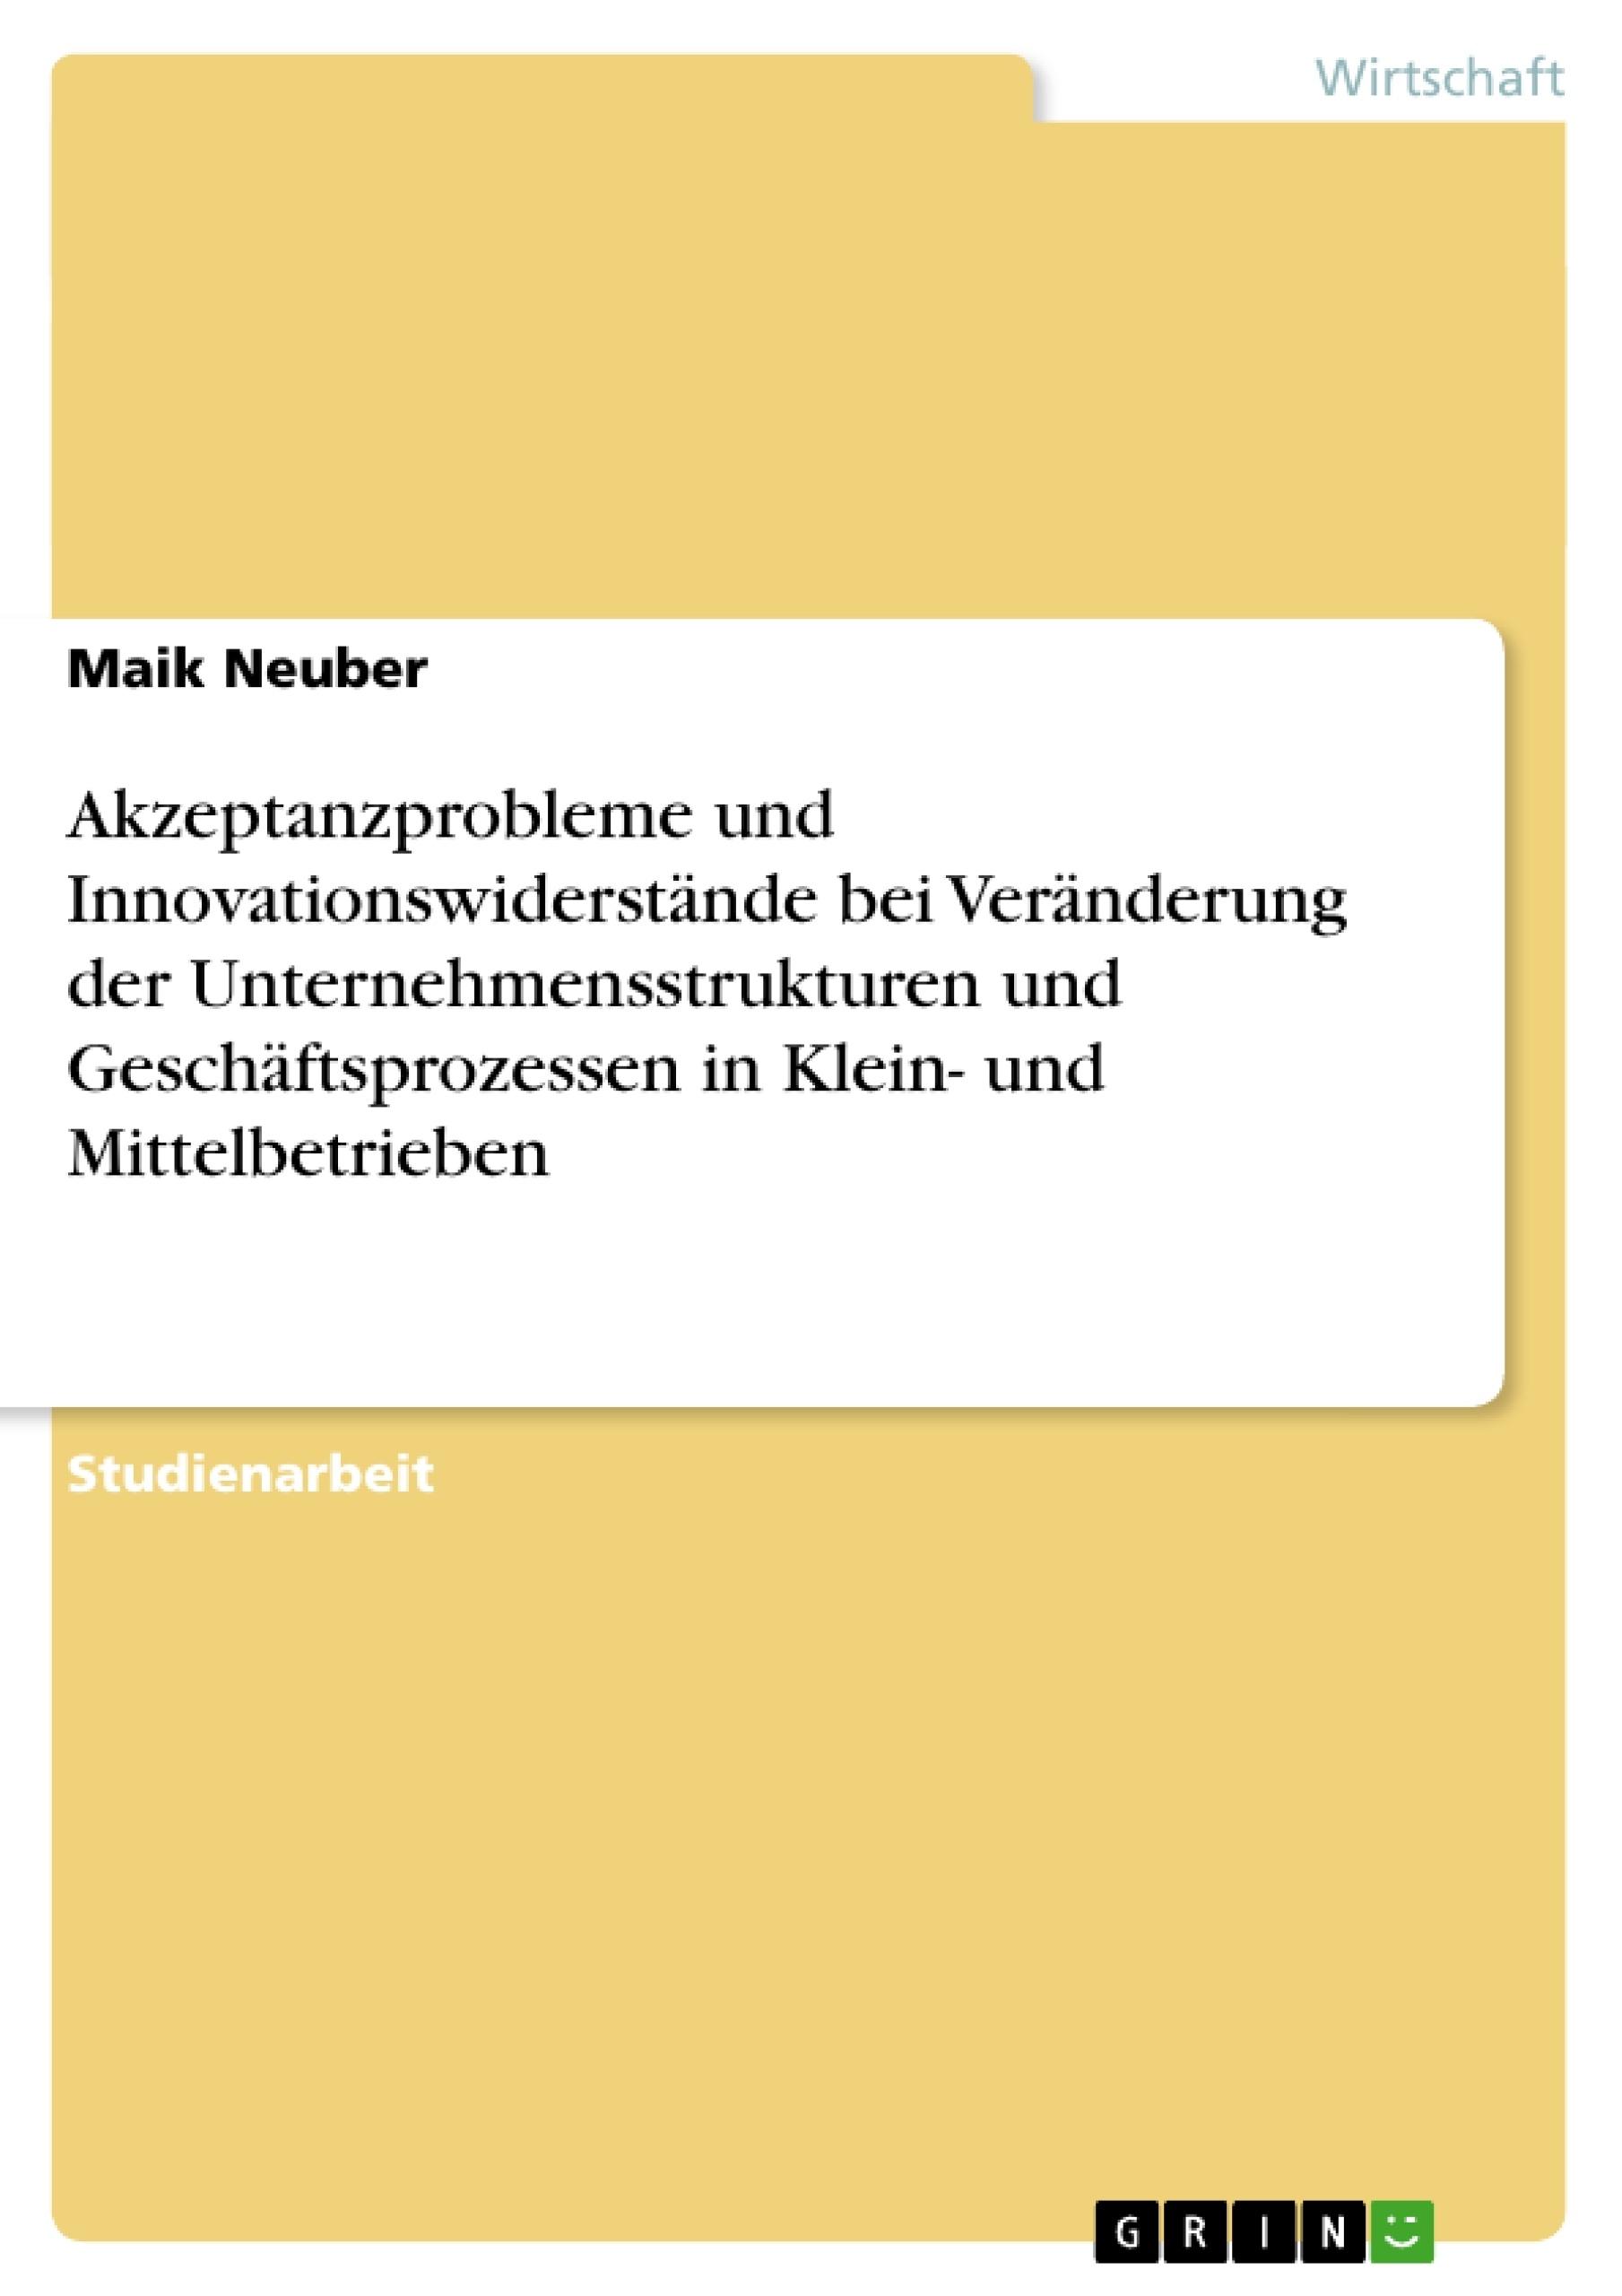 Titel: Akzeptanzprobleme und Innovationswiderstände bei Veränderung der Unternehmensstrukturen und Geschäftsprozessen in Klein- und Mittelbetrieben